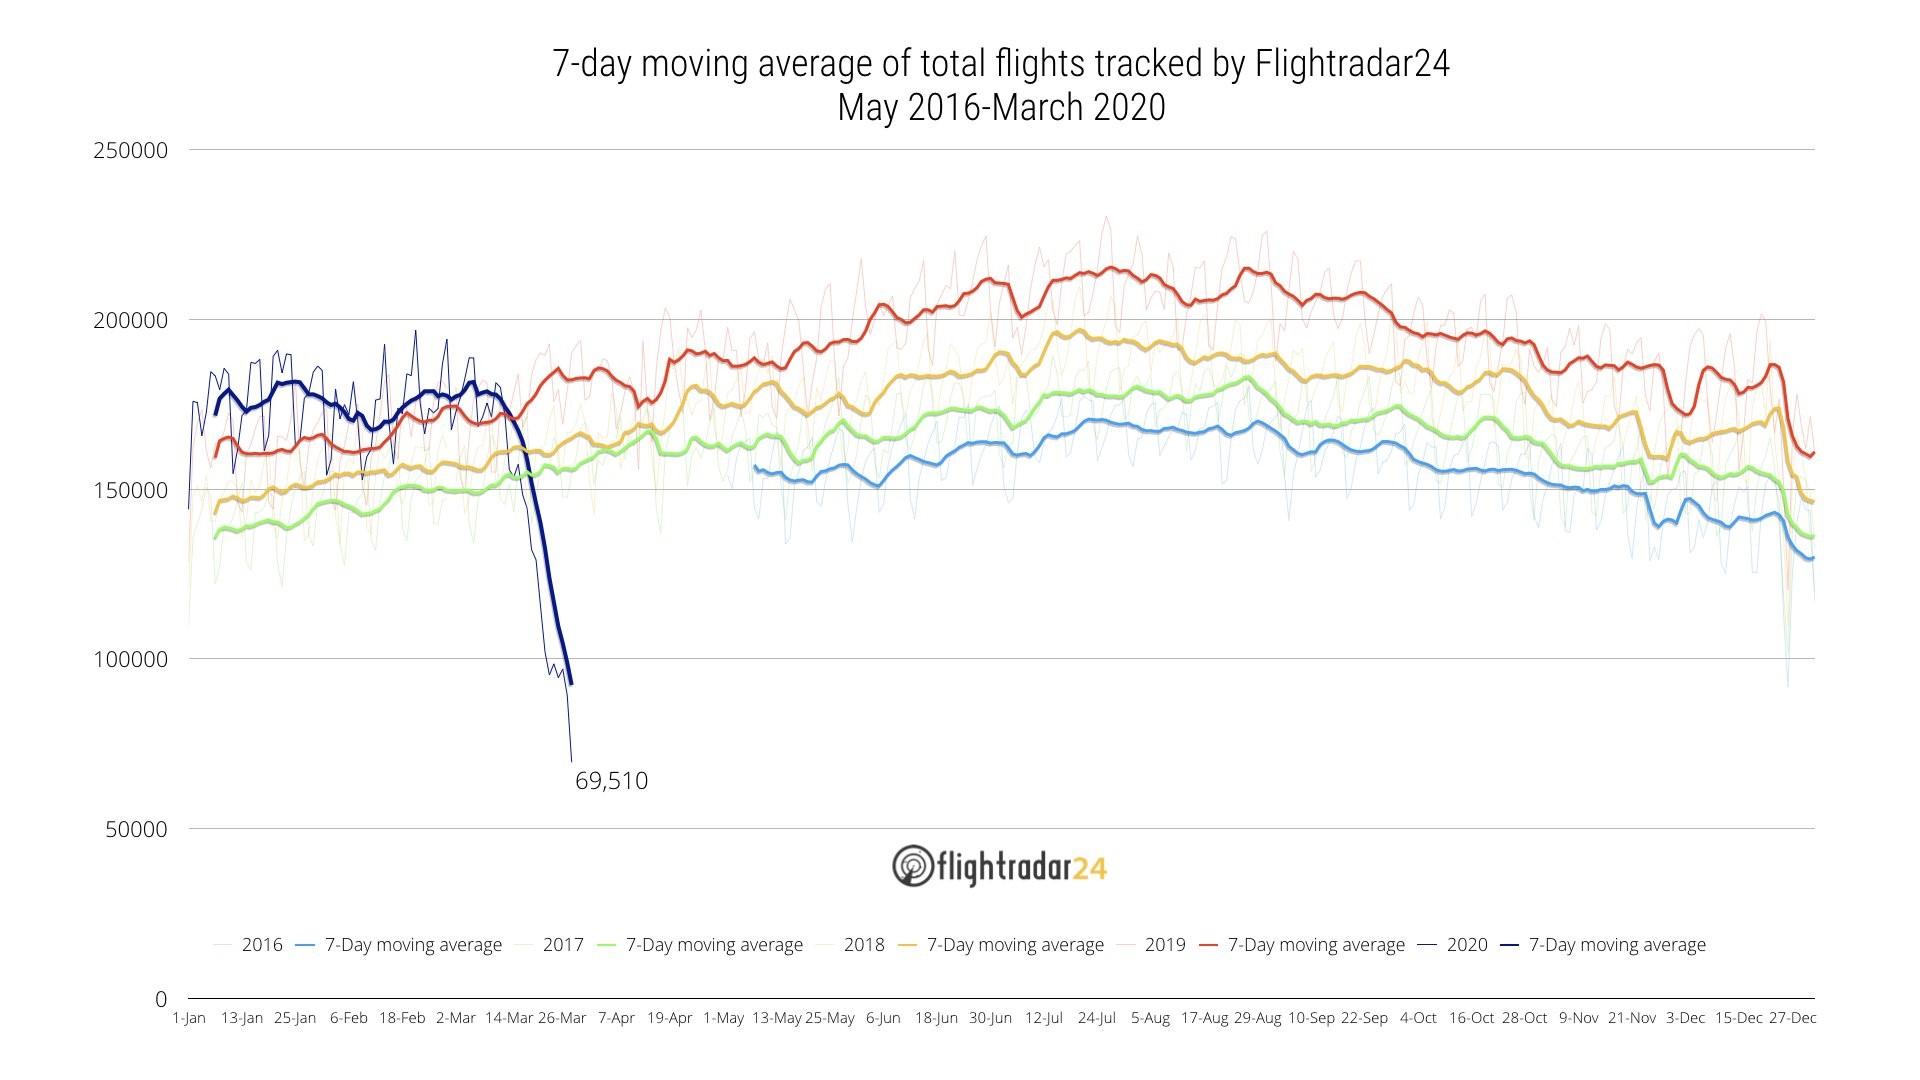 Chute du trafic aérien dans le monde à cause de la pandémie COVID-19